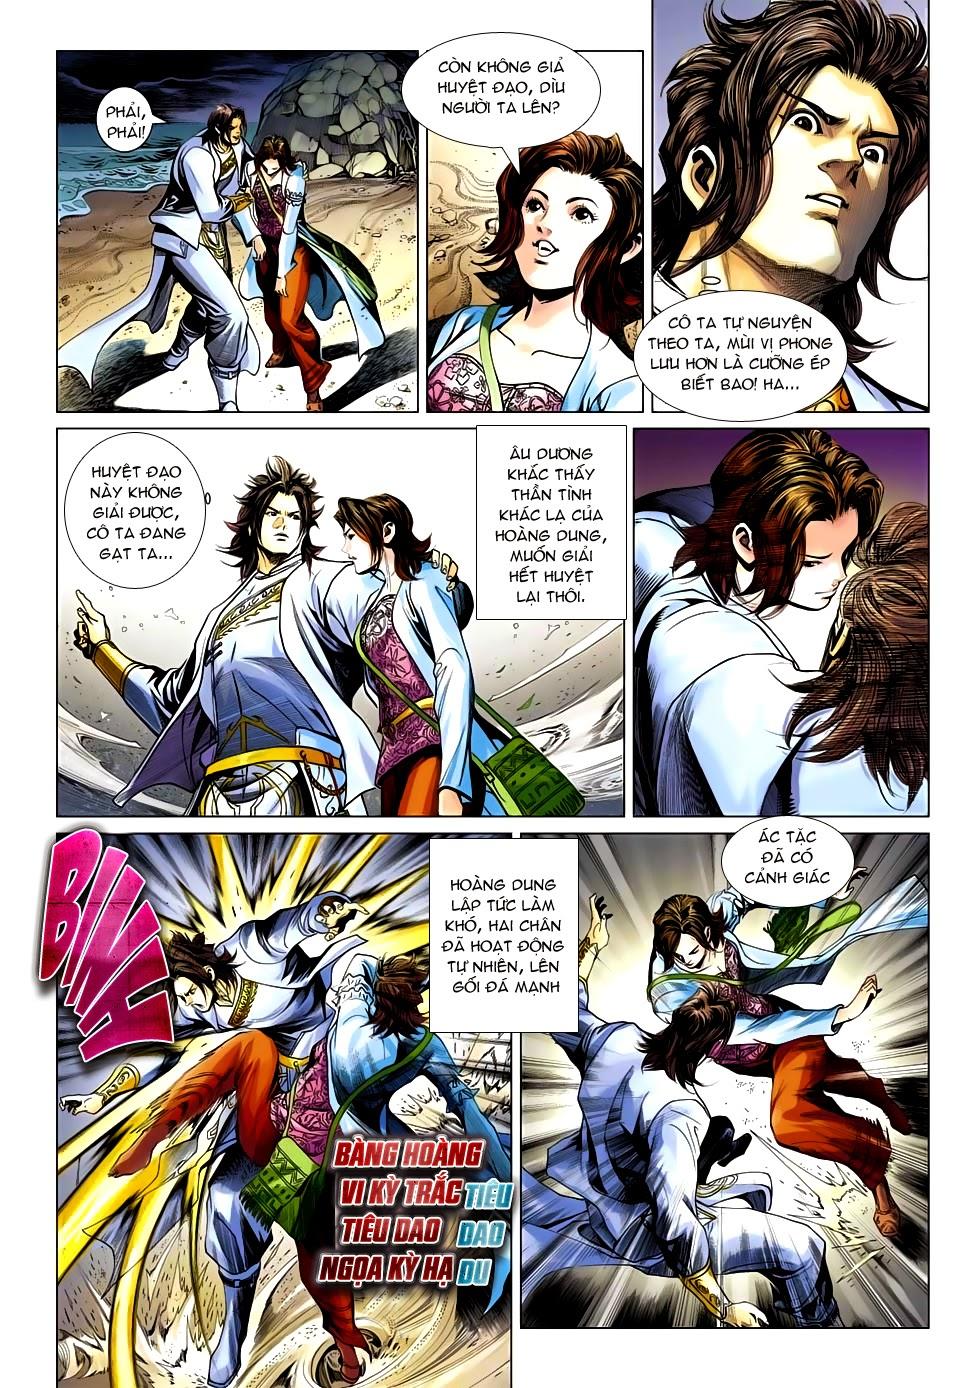 Anh Hùng Xạ Điêu anh hùng xạ đêu chap 54: kiếp hậu dư sinh thiến nữ kỳ mưu trang 9